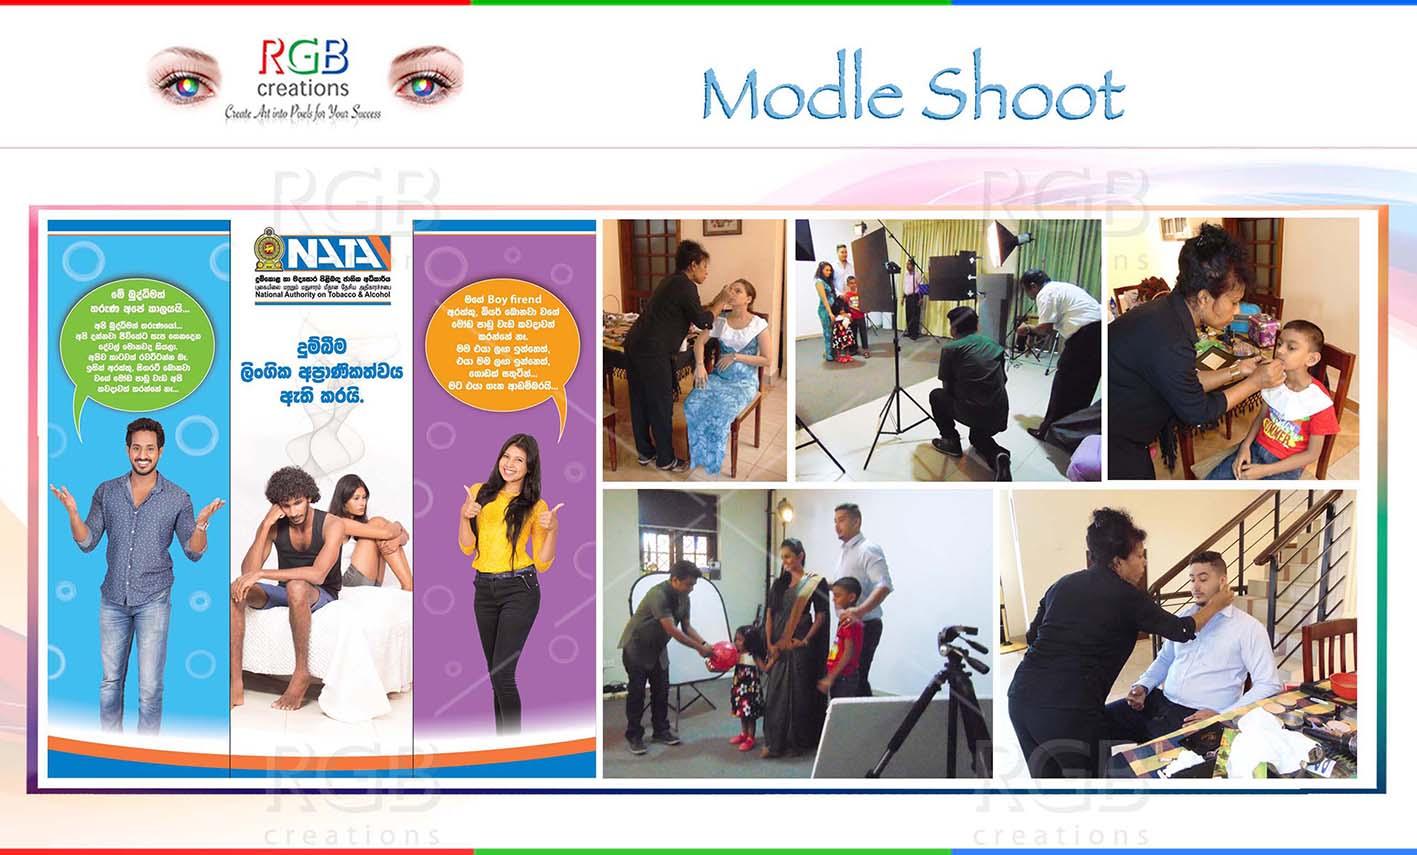 NATA Backdrop Modle Shoot